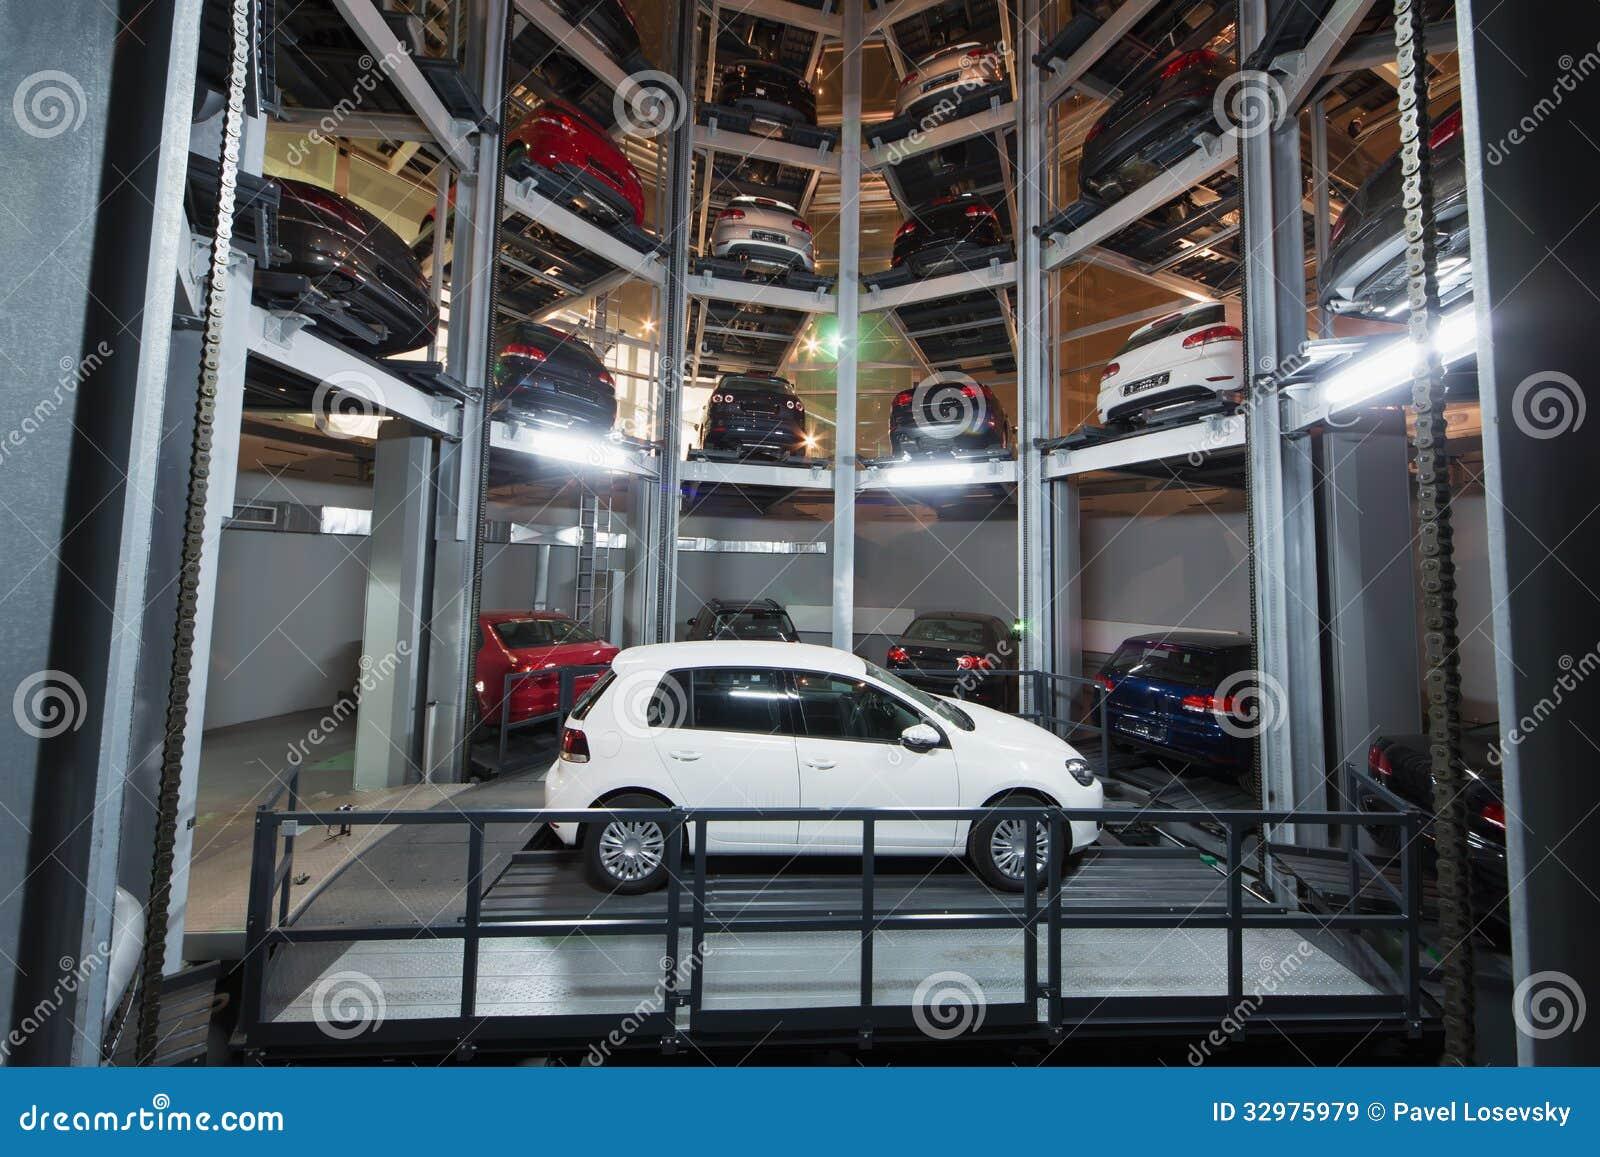 Multilevel Car Parking System Pdf